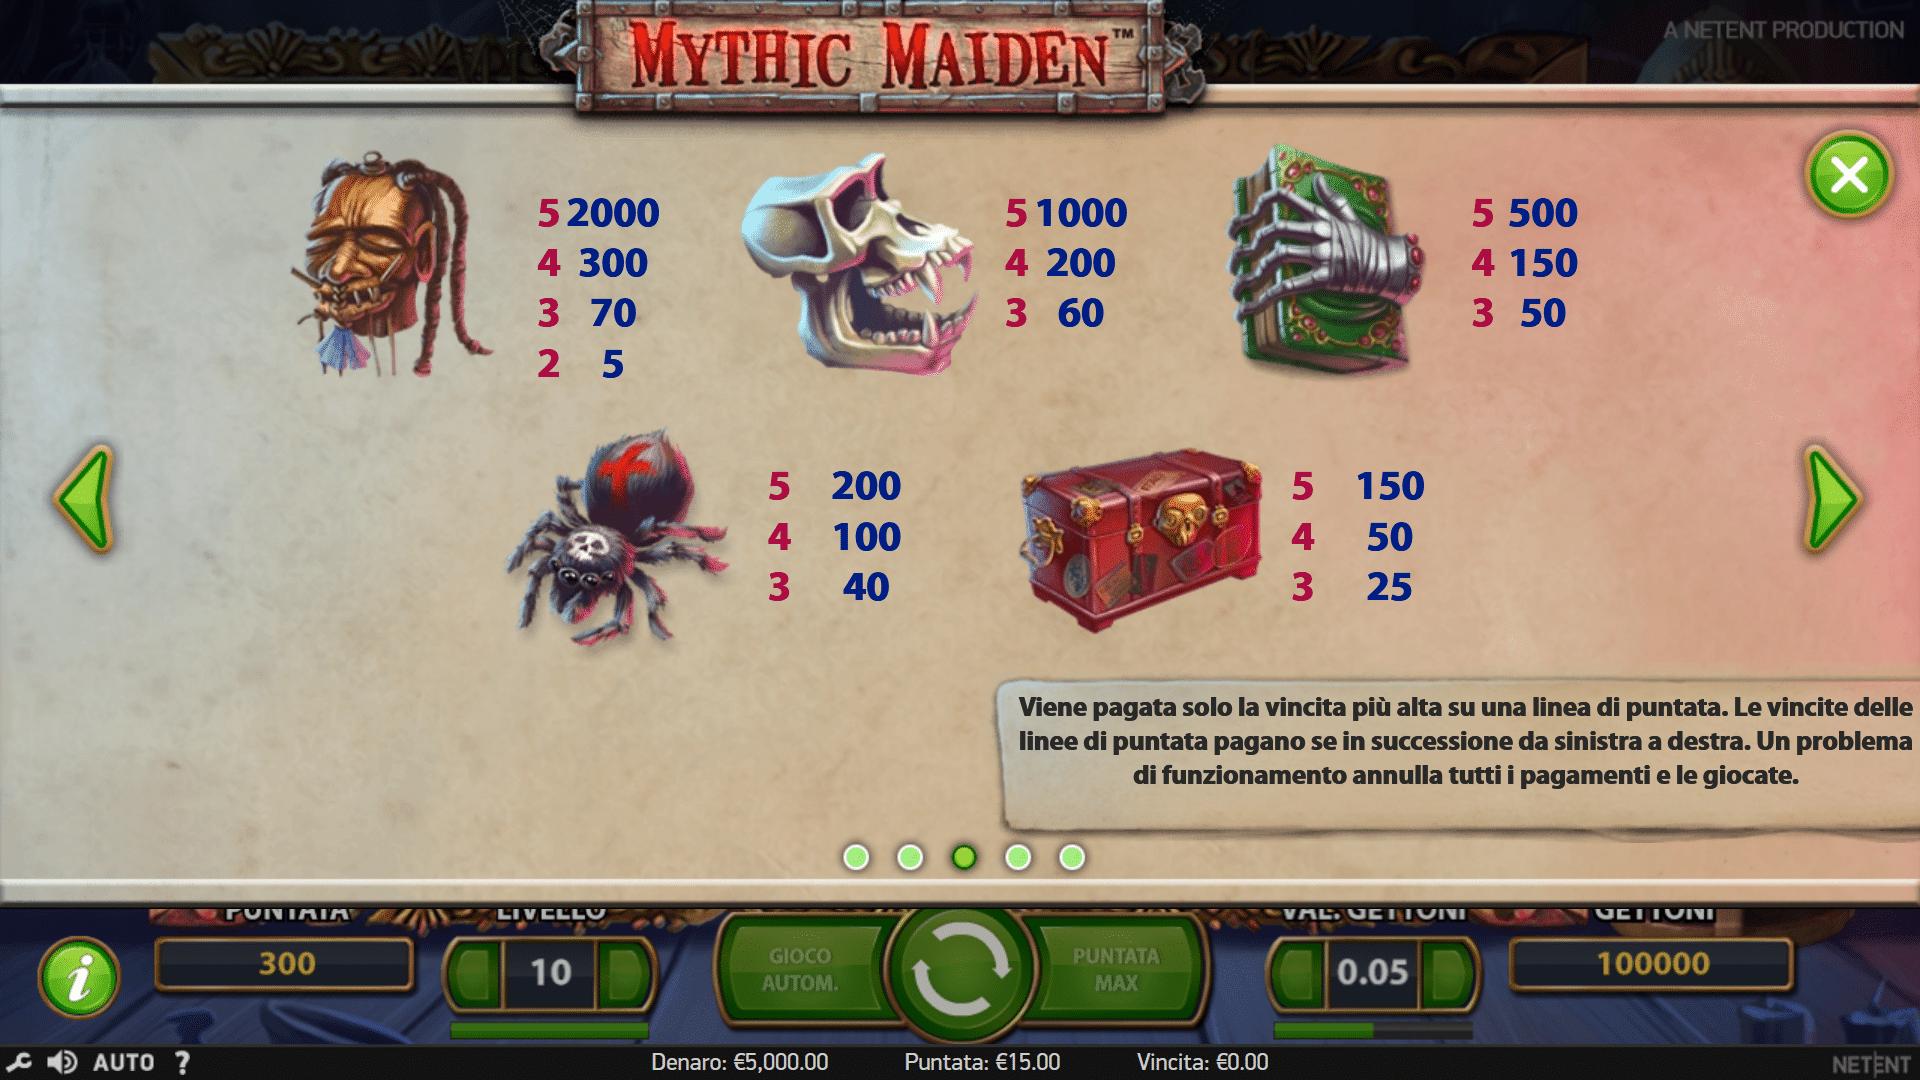 Simboli slot Mythic Maiden